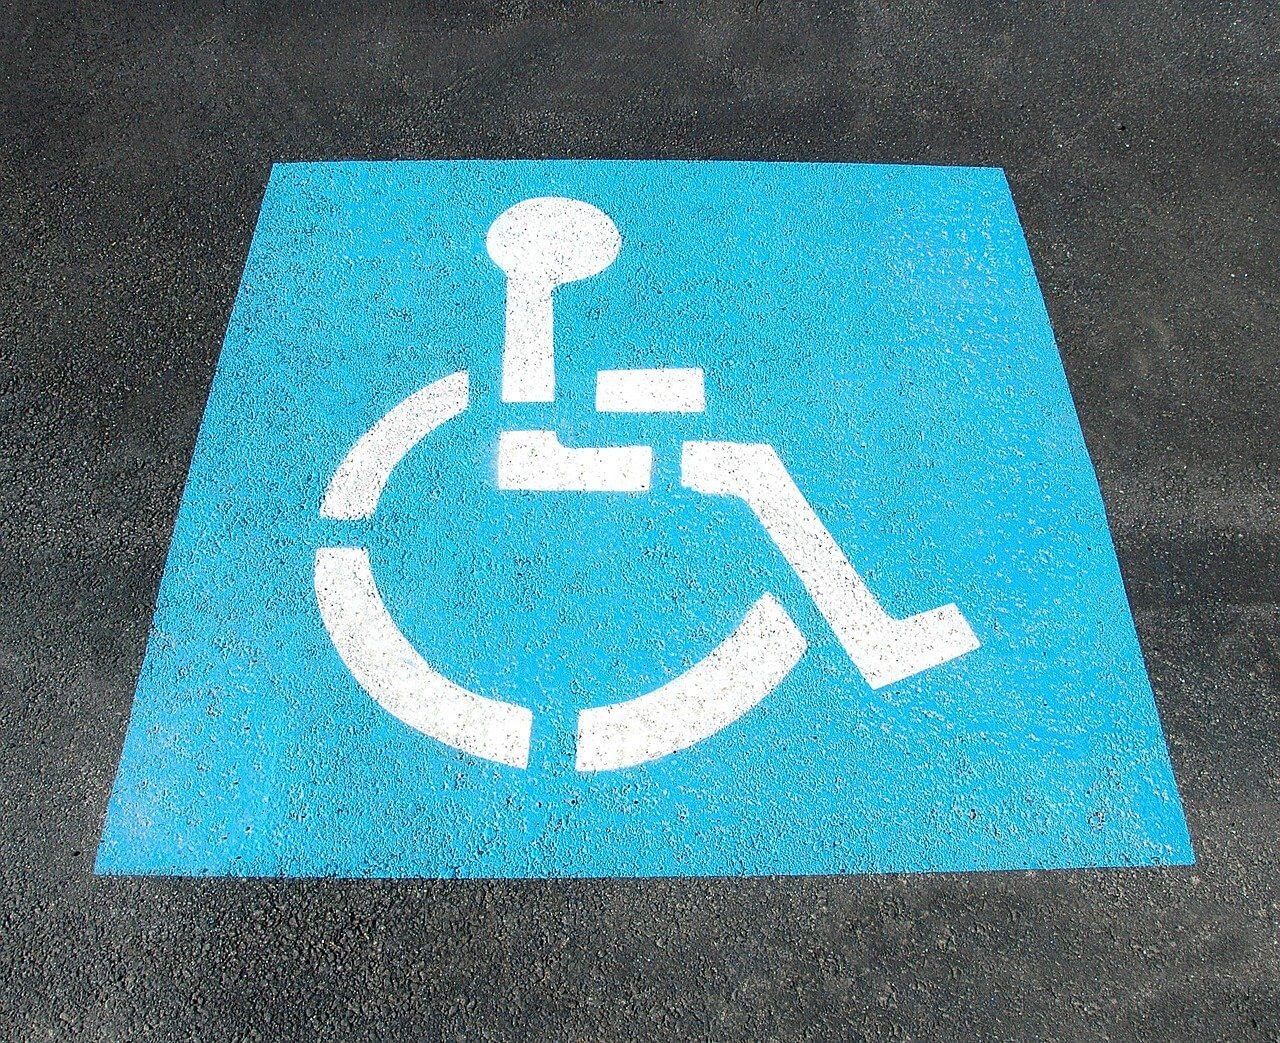 Atención: Será sanción «grave» uso incorrecto de estacionamientos para personas con discapacidad